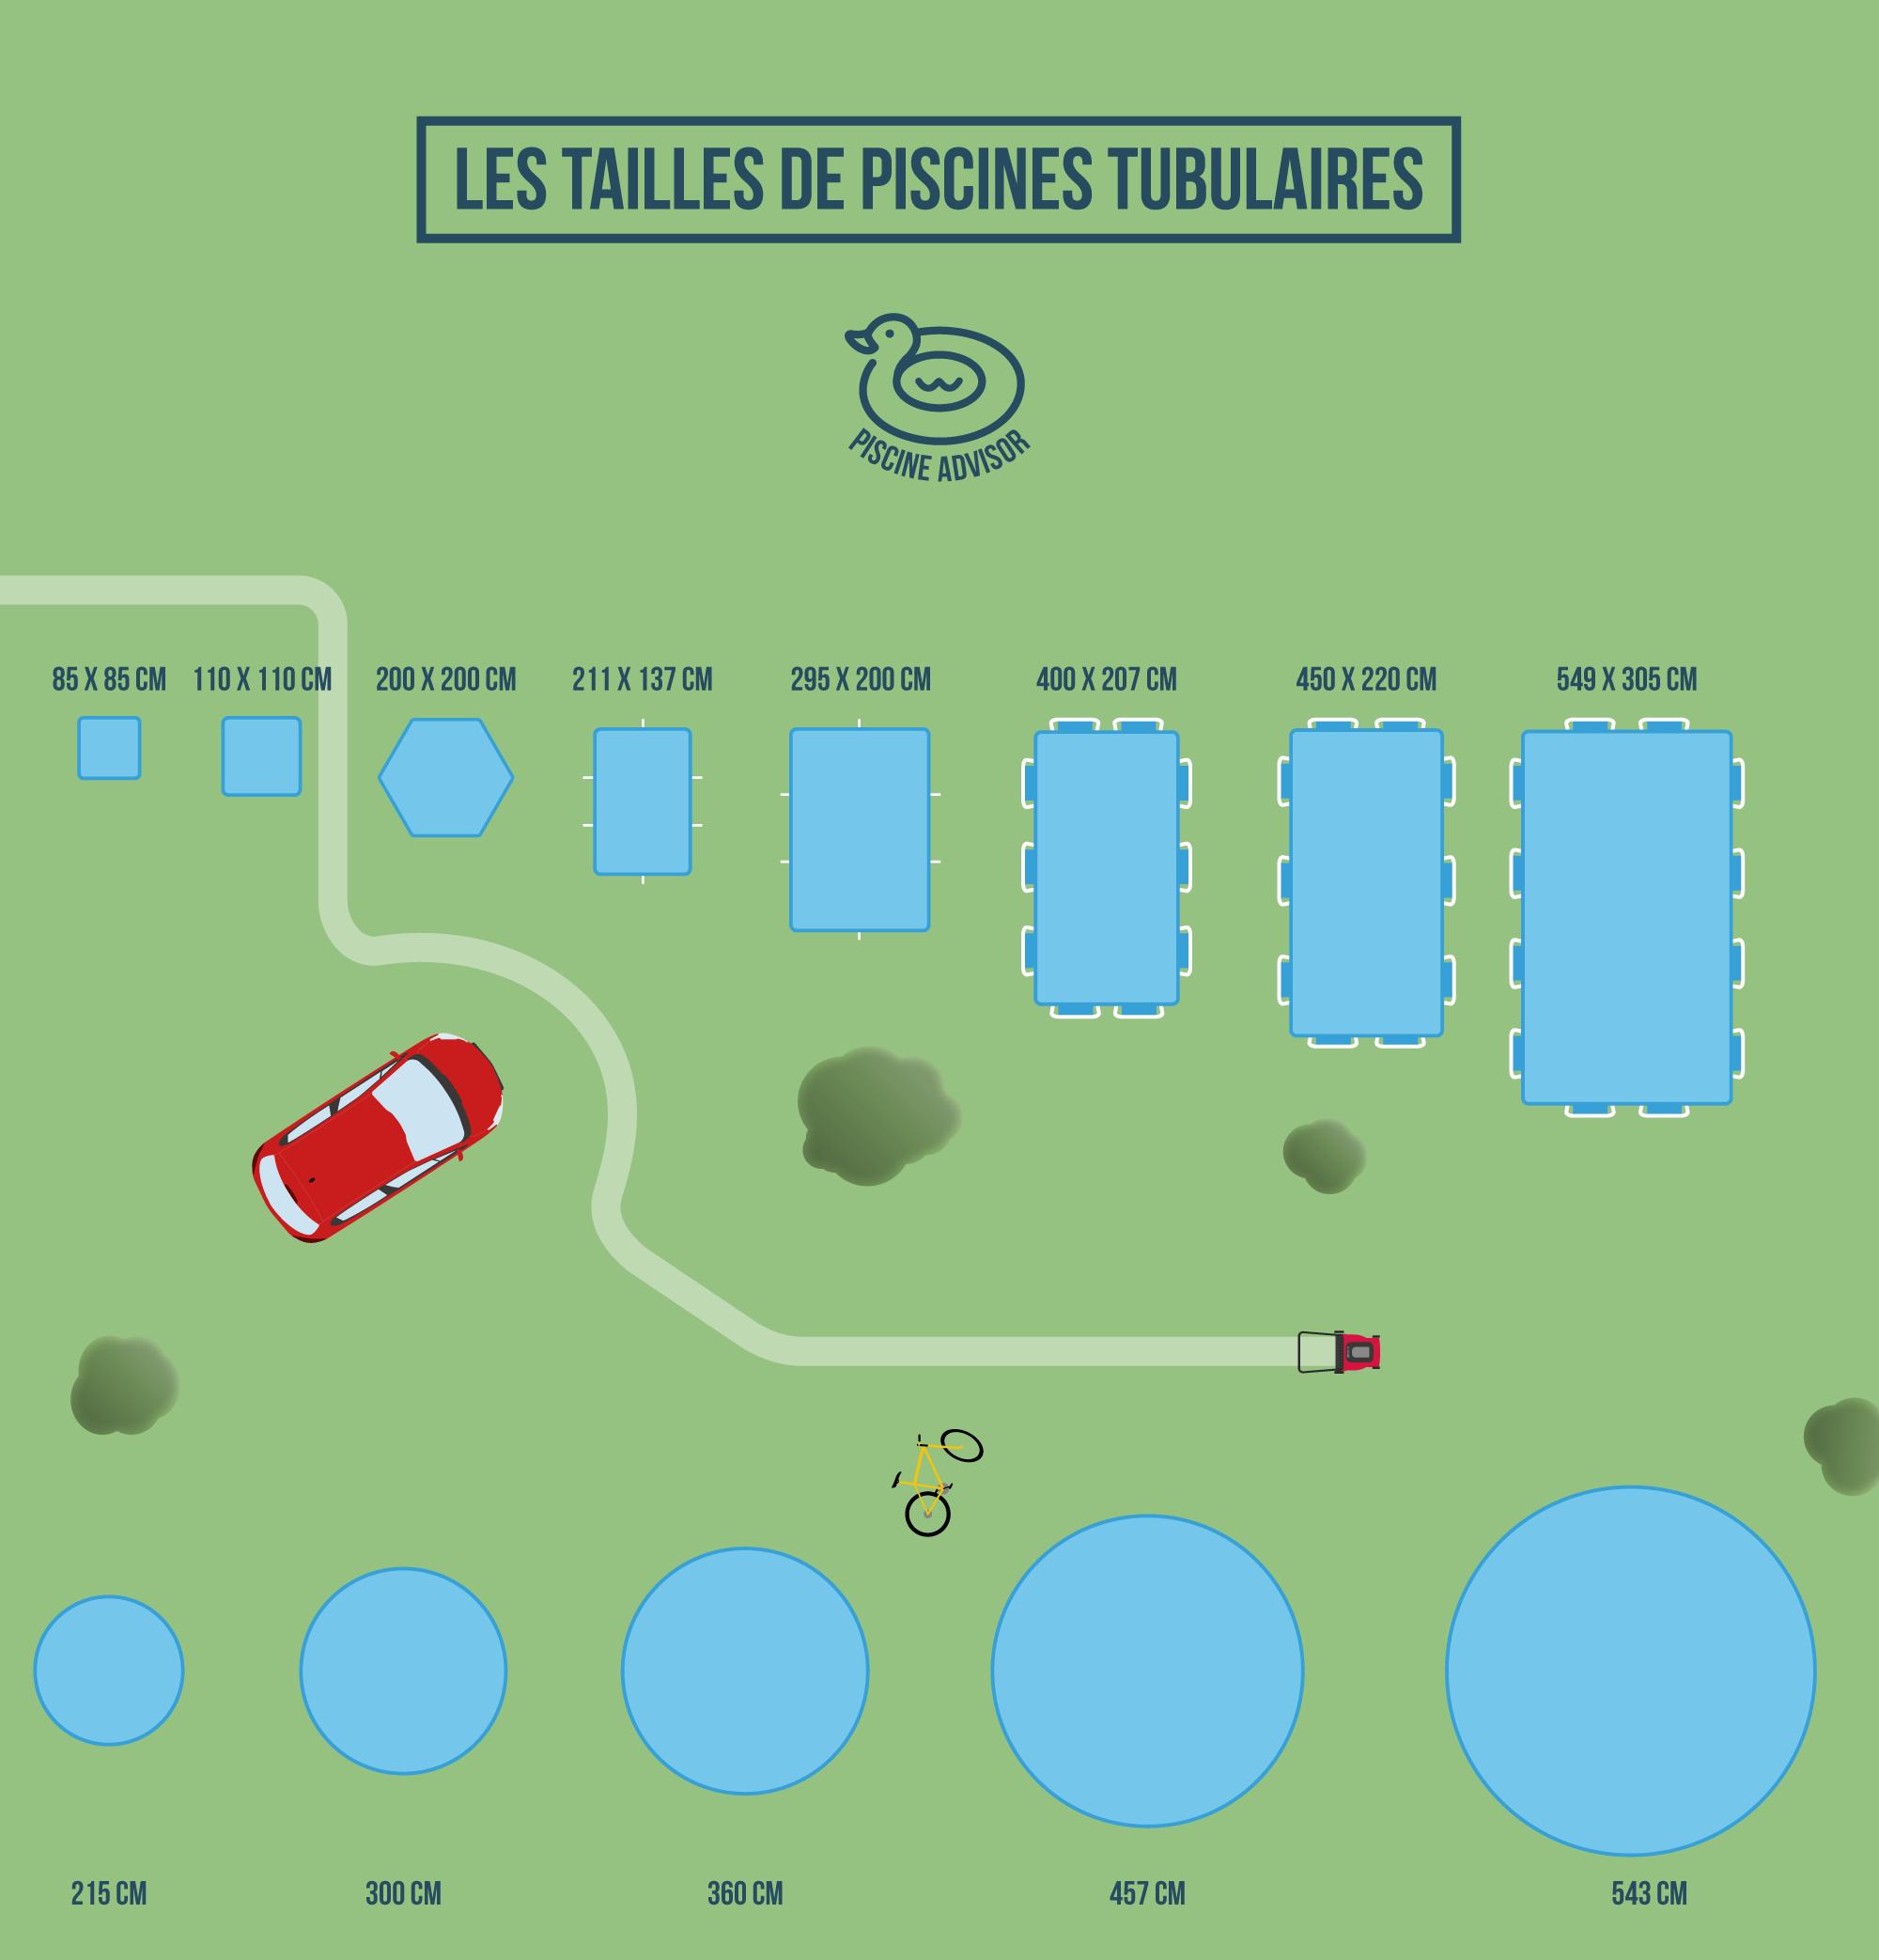 Piscine Tubulaire : Le Guide À Lire Avant D'acheter ... dedans Piscines Tubulaires